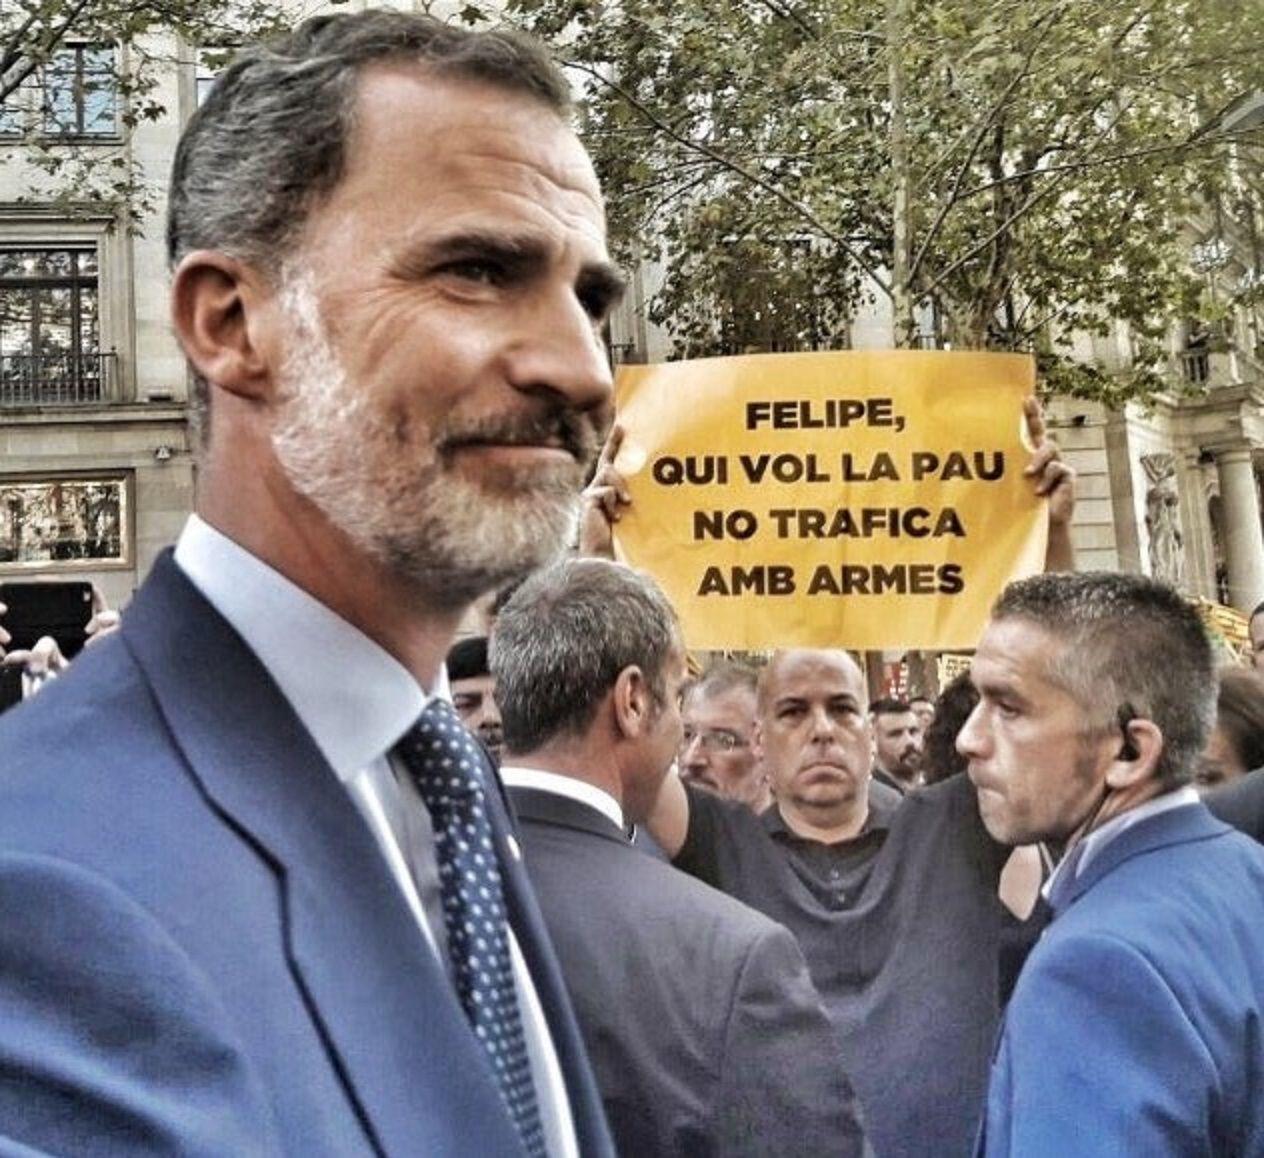 Reclamos contra el rey Felipe VI durante la manifestación en Barcelona